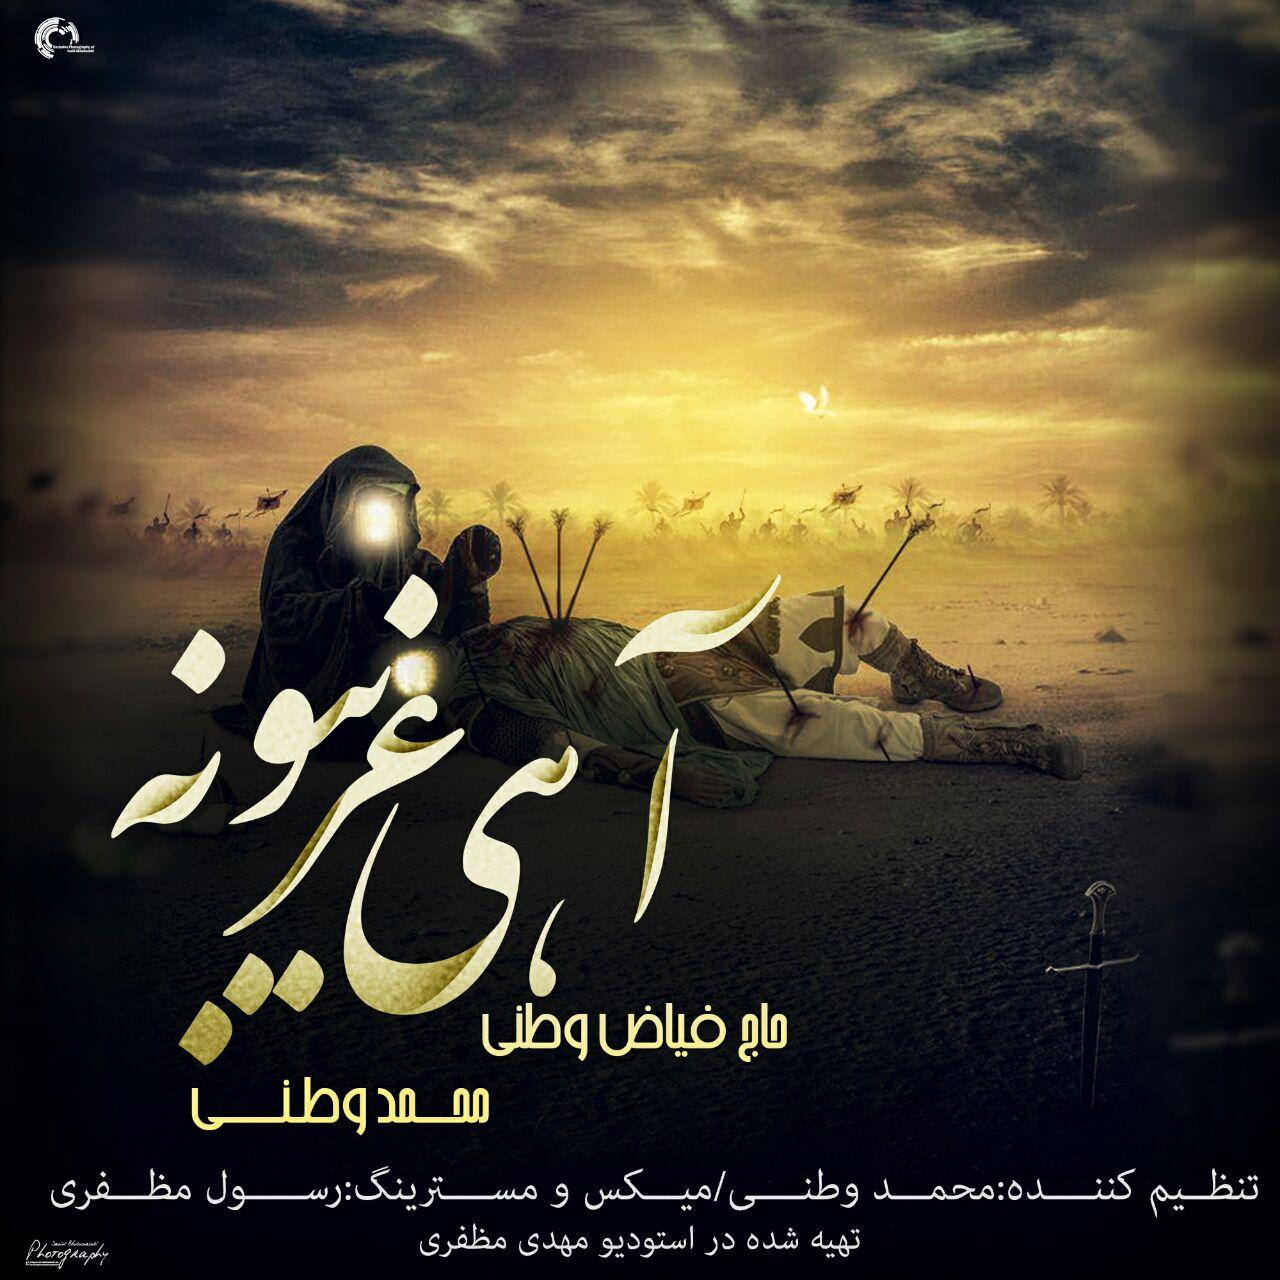 دانلود آهنگ جدید حاج فیاض وطنی و محمد وطنی بنام آهی غریبونه